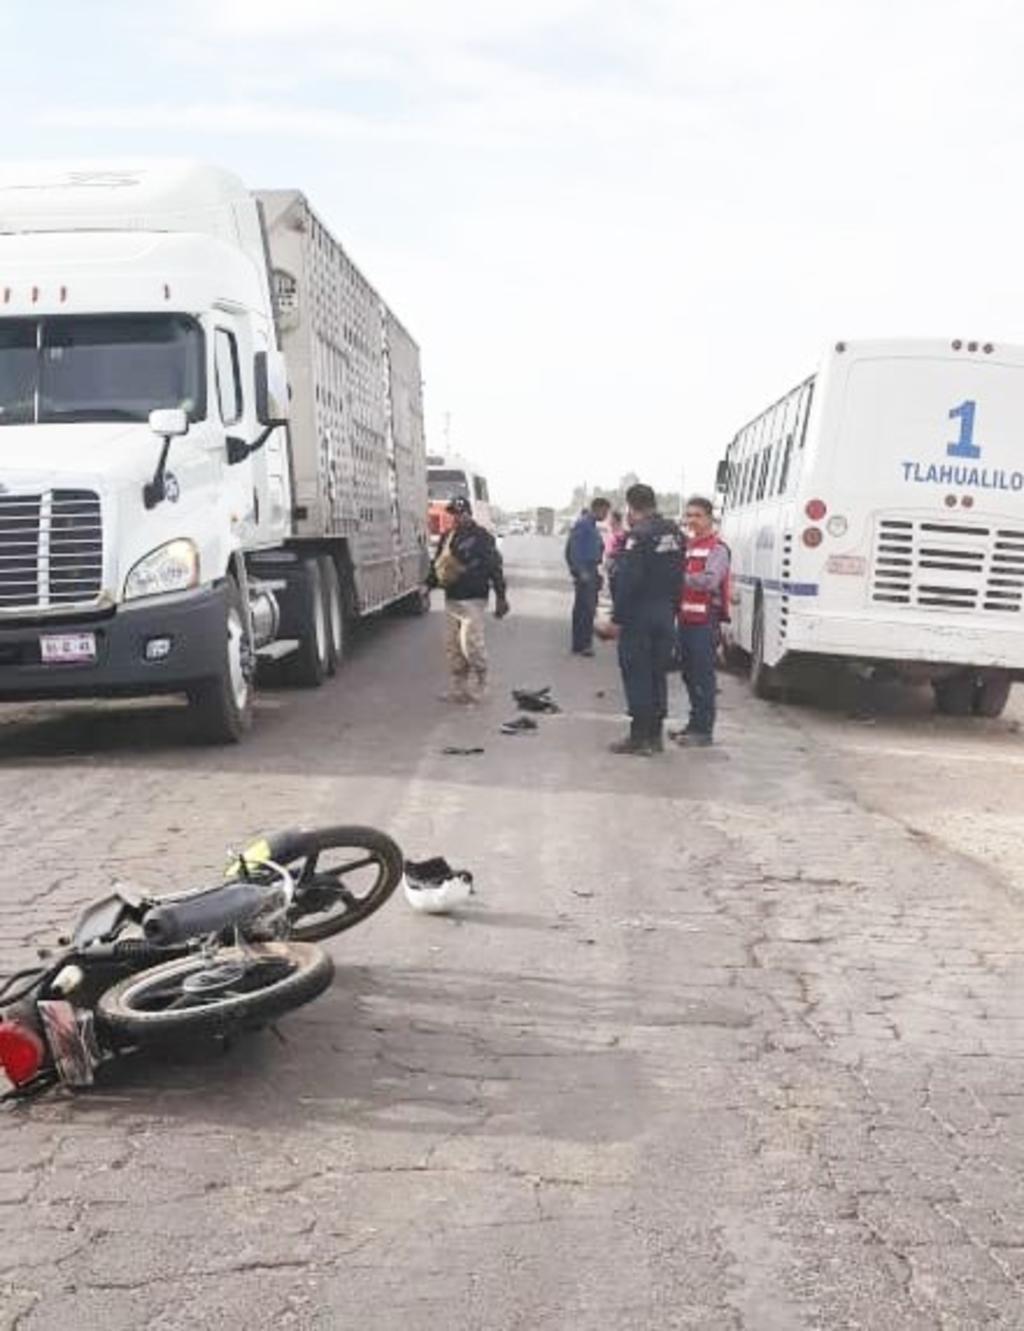 El motociclista perdió la vida tras chocar de frente contra un autobús sobre la carretera Gómez Palacio-Tlahualilo. (EL SIGLO DE TORREÓN)